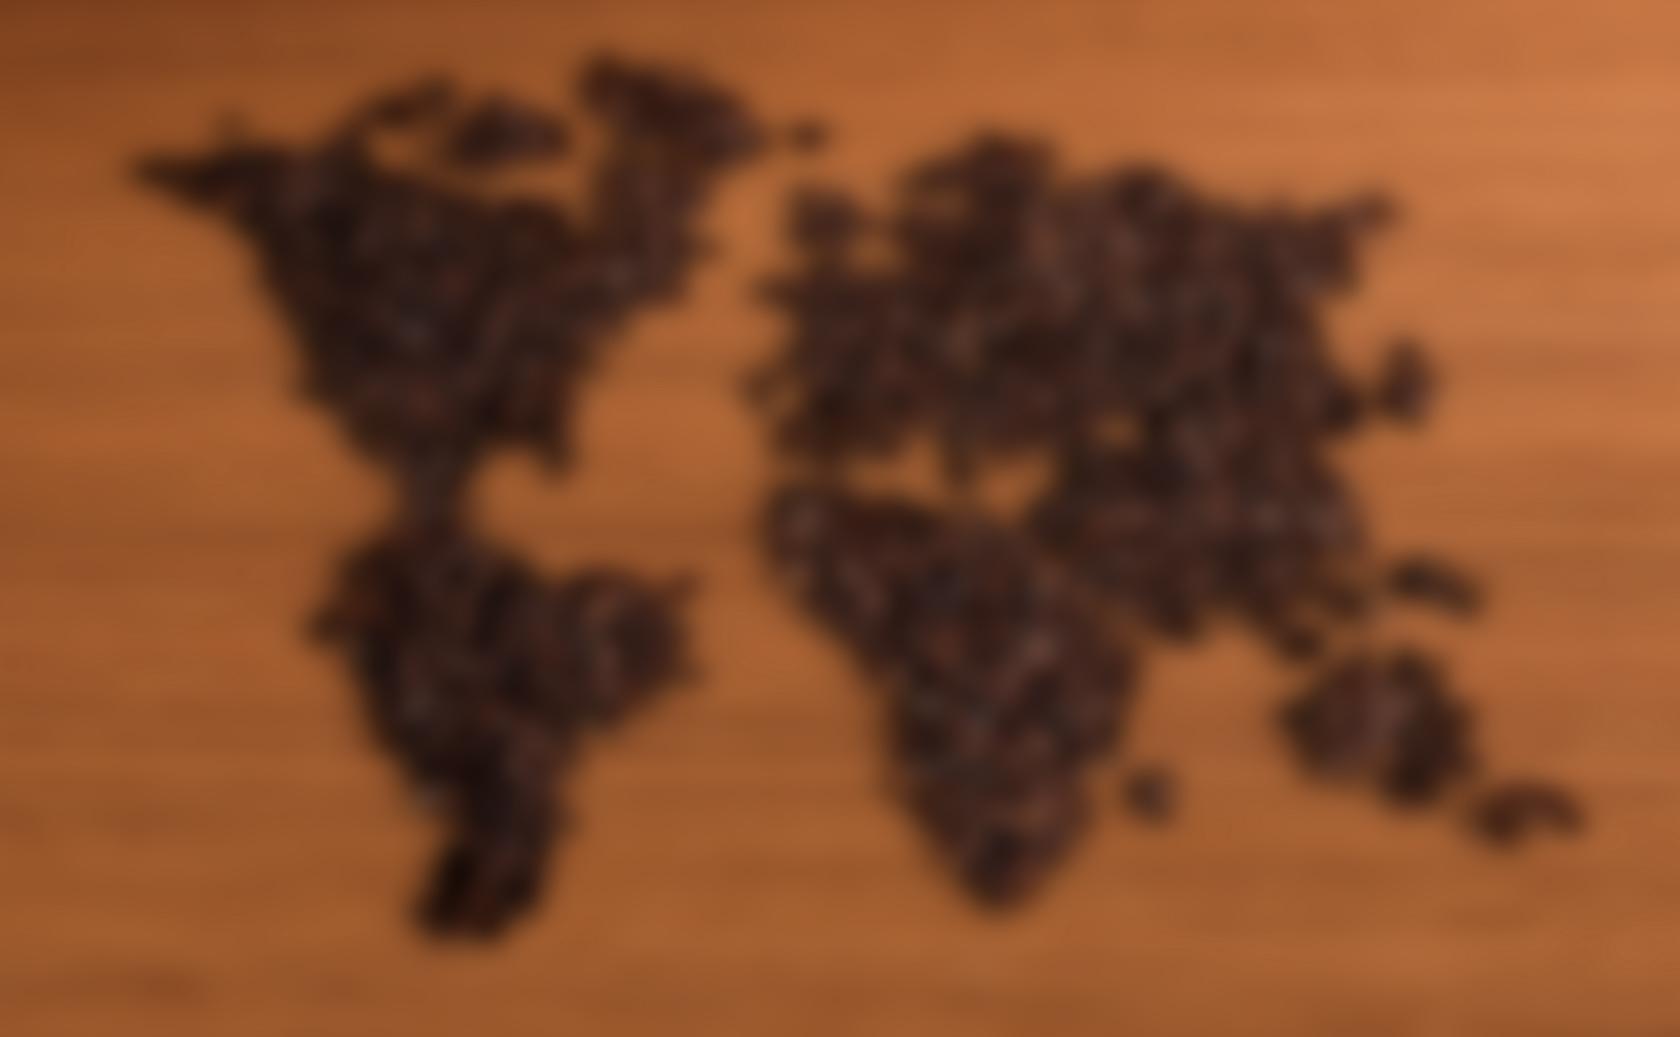 Koffie in de hele wereld thuis melitta - Thuis opslag bench wereld ...